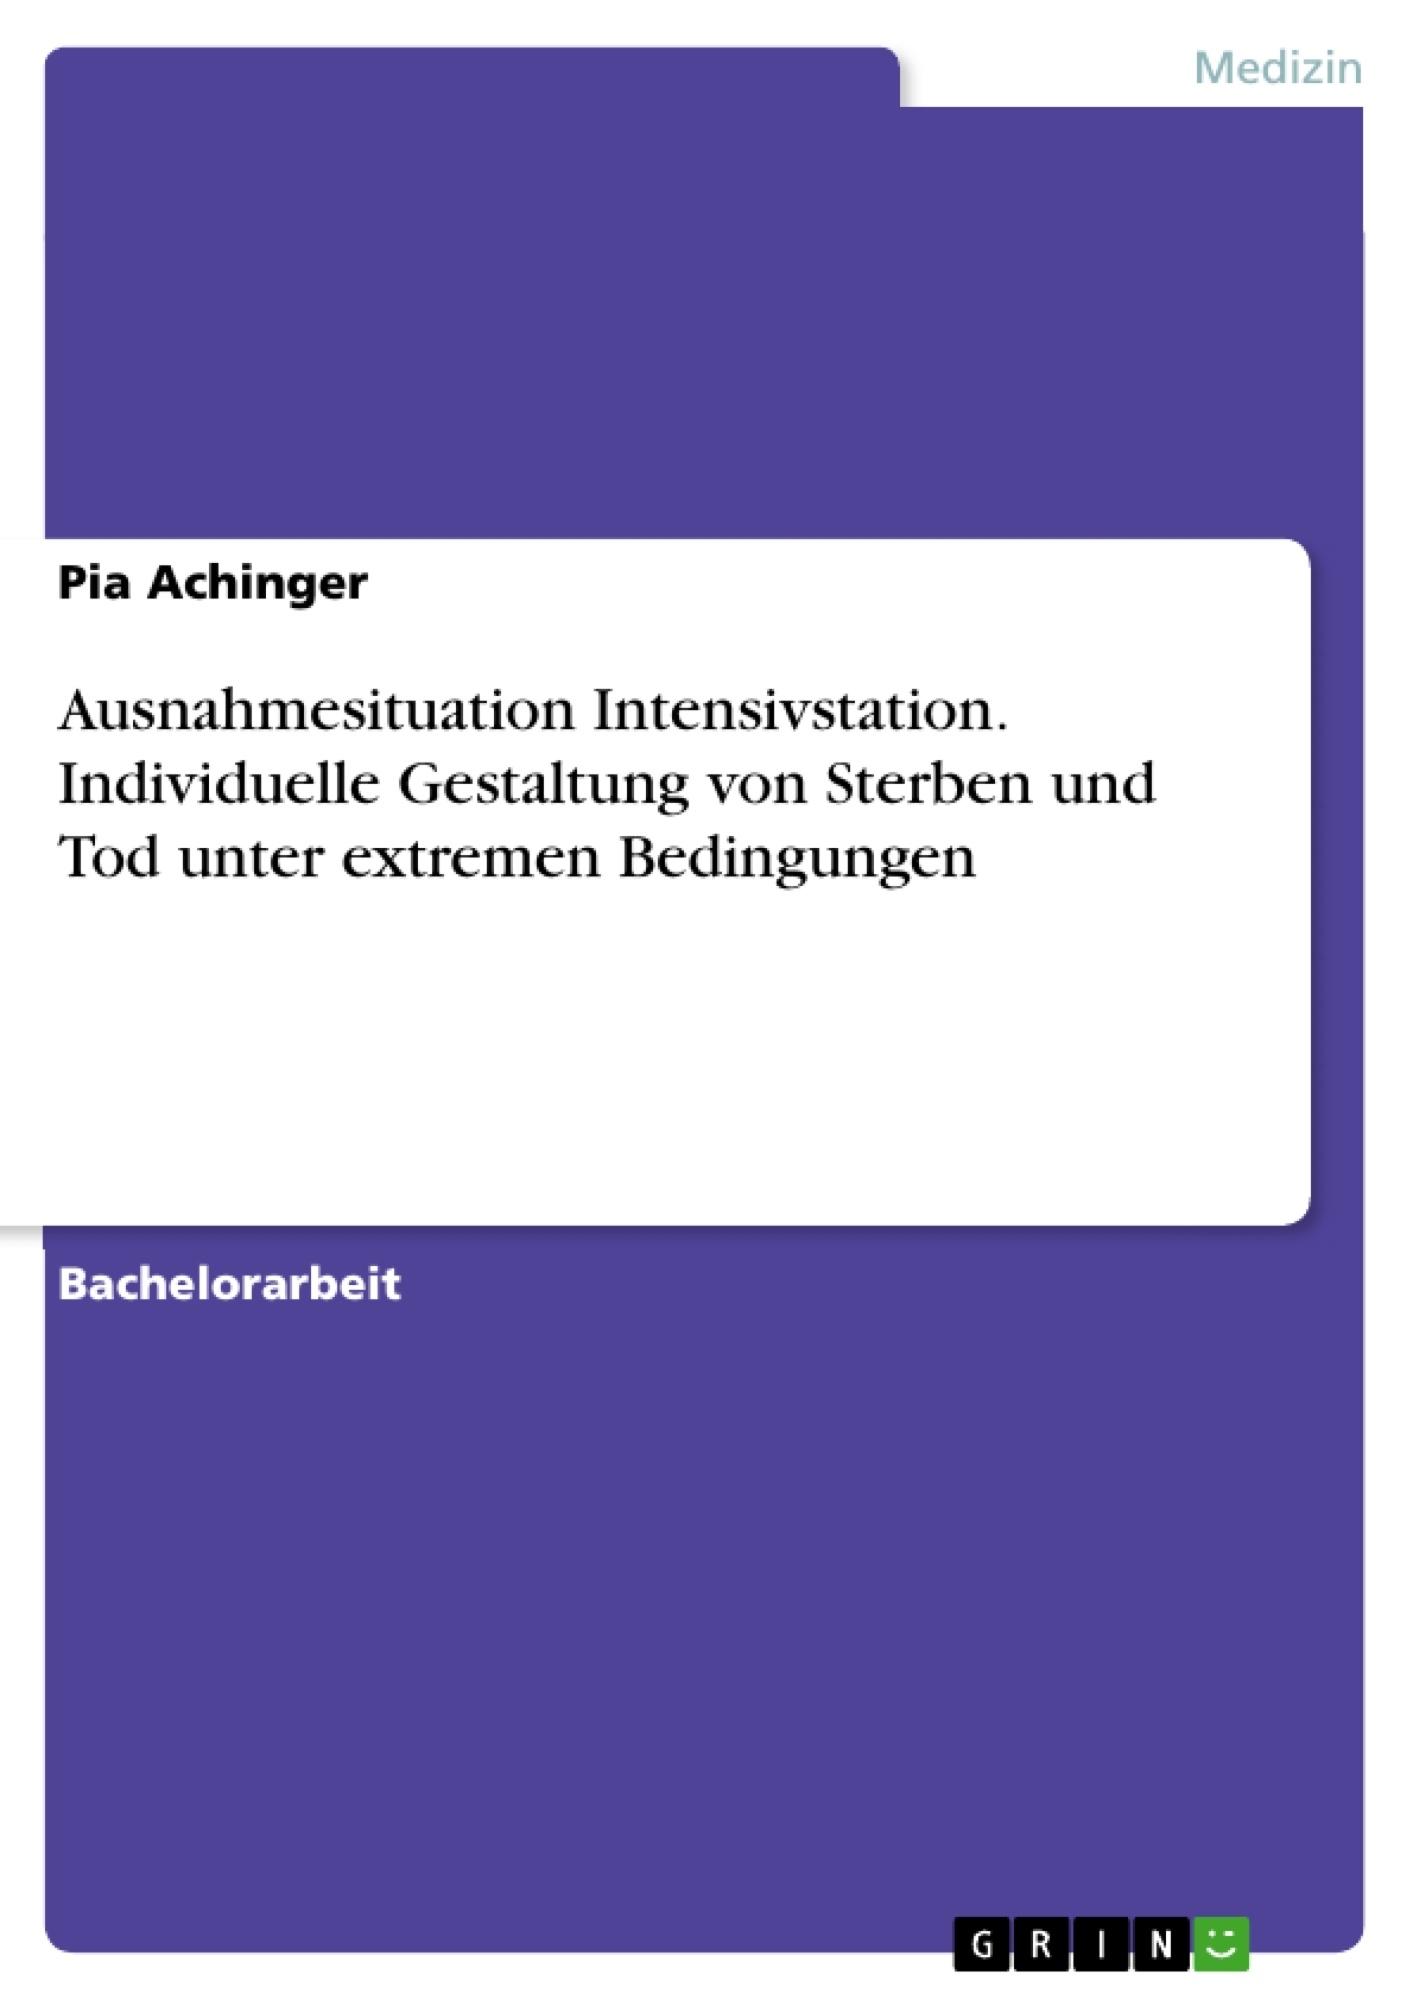 Titel: Ausnahmesituation Intensivstation. Individuelle Gestaltung von Sterben und Tod unter extremen Bedingungen